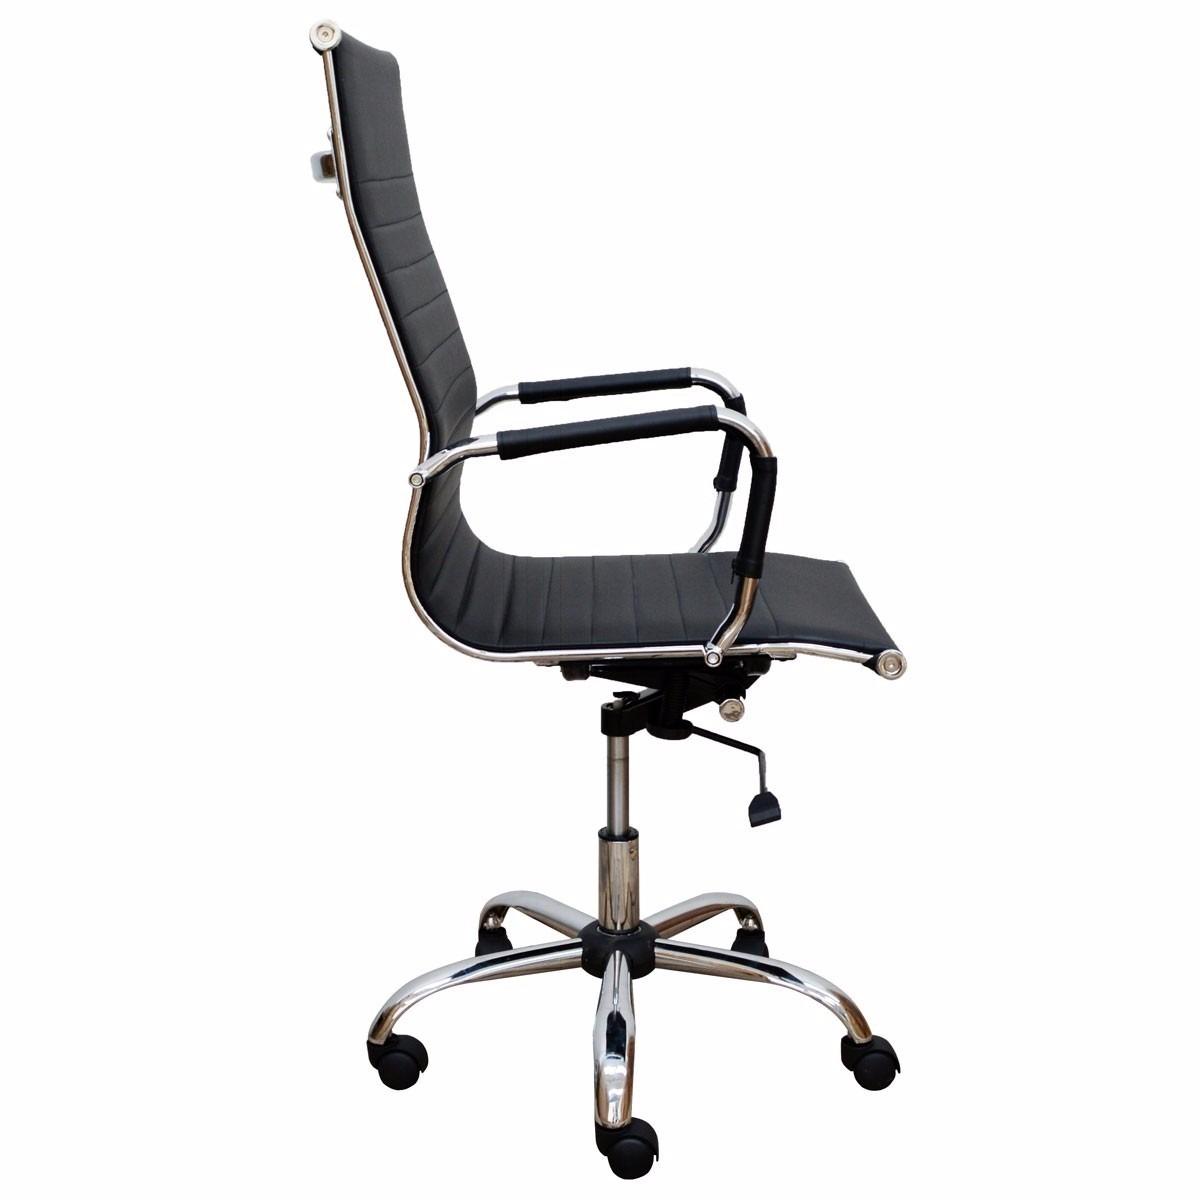 Cadeira De Escritório Giratória Em Couro Pu Com Relax R$ 549 99 no  #604D41 1200x1200